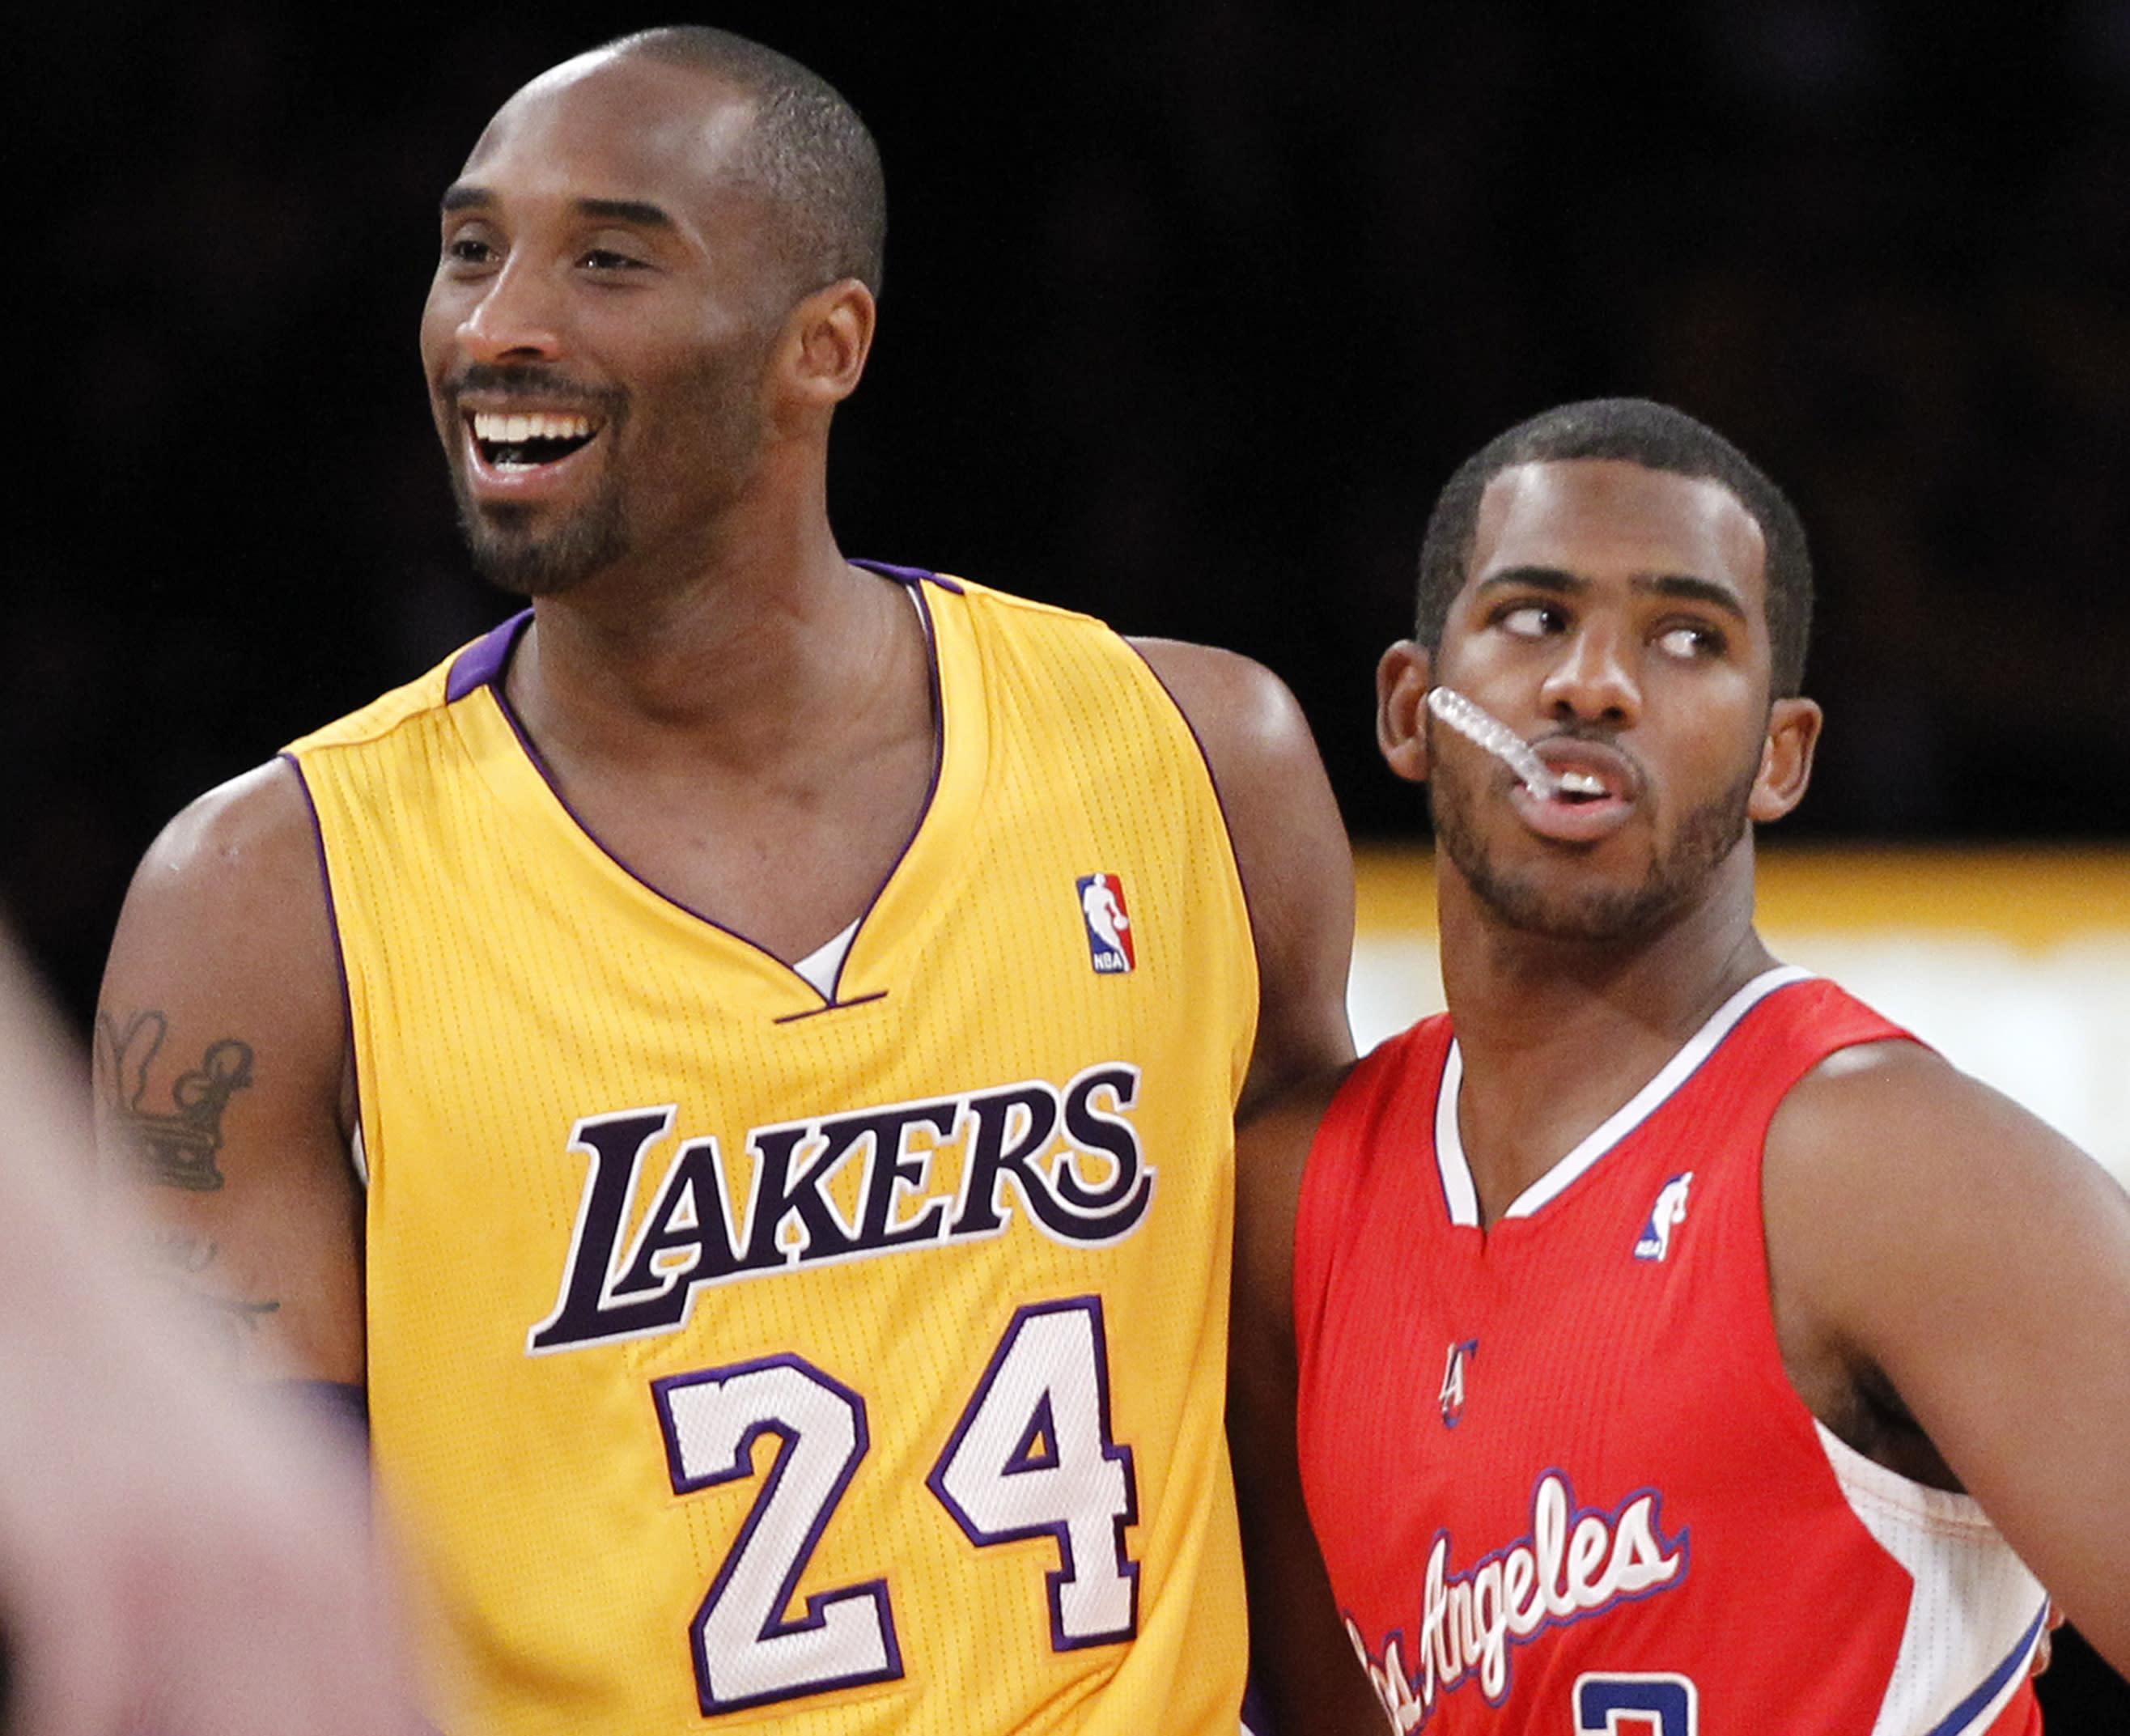 【運動專欄/HBK】Kobe當年如果與CP3連線有搞頭嗎?『籃球原因』只有1個最大受害者....